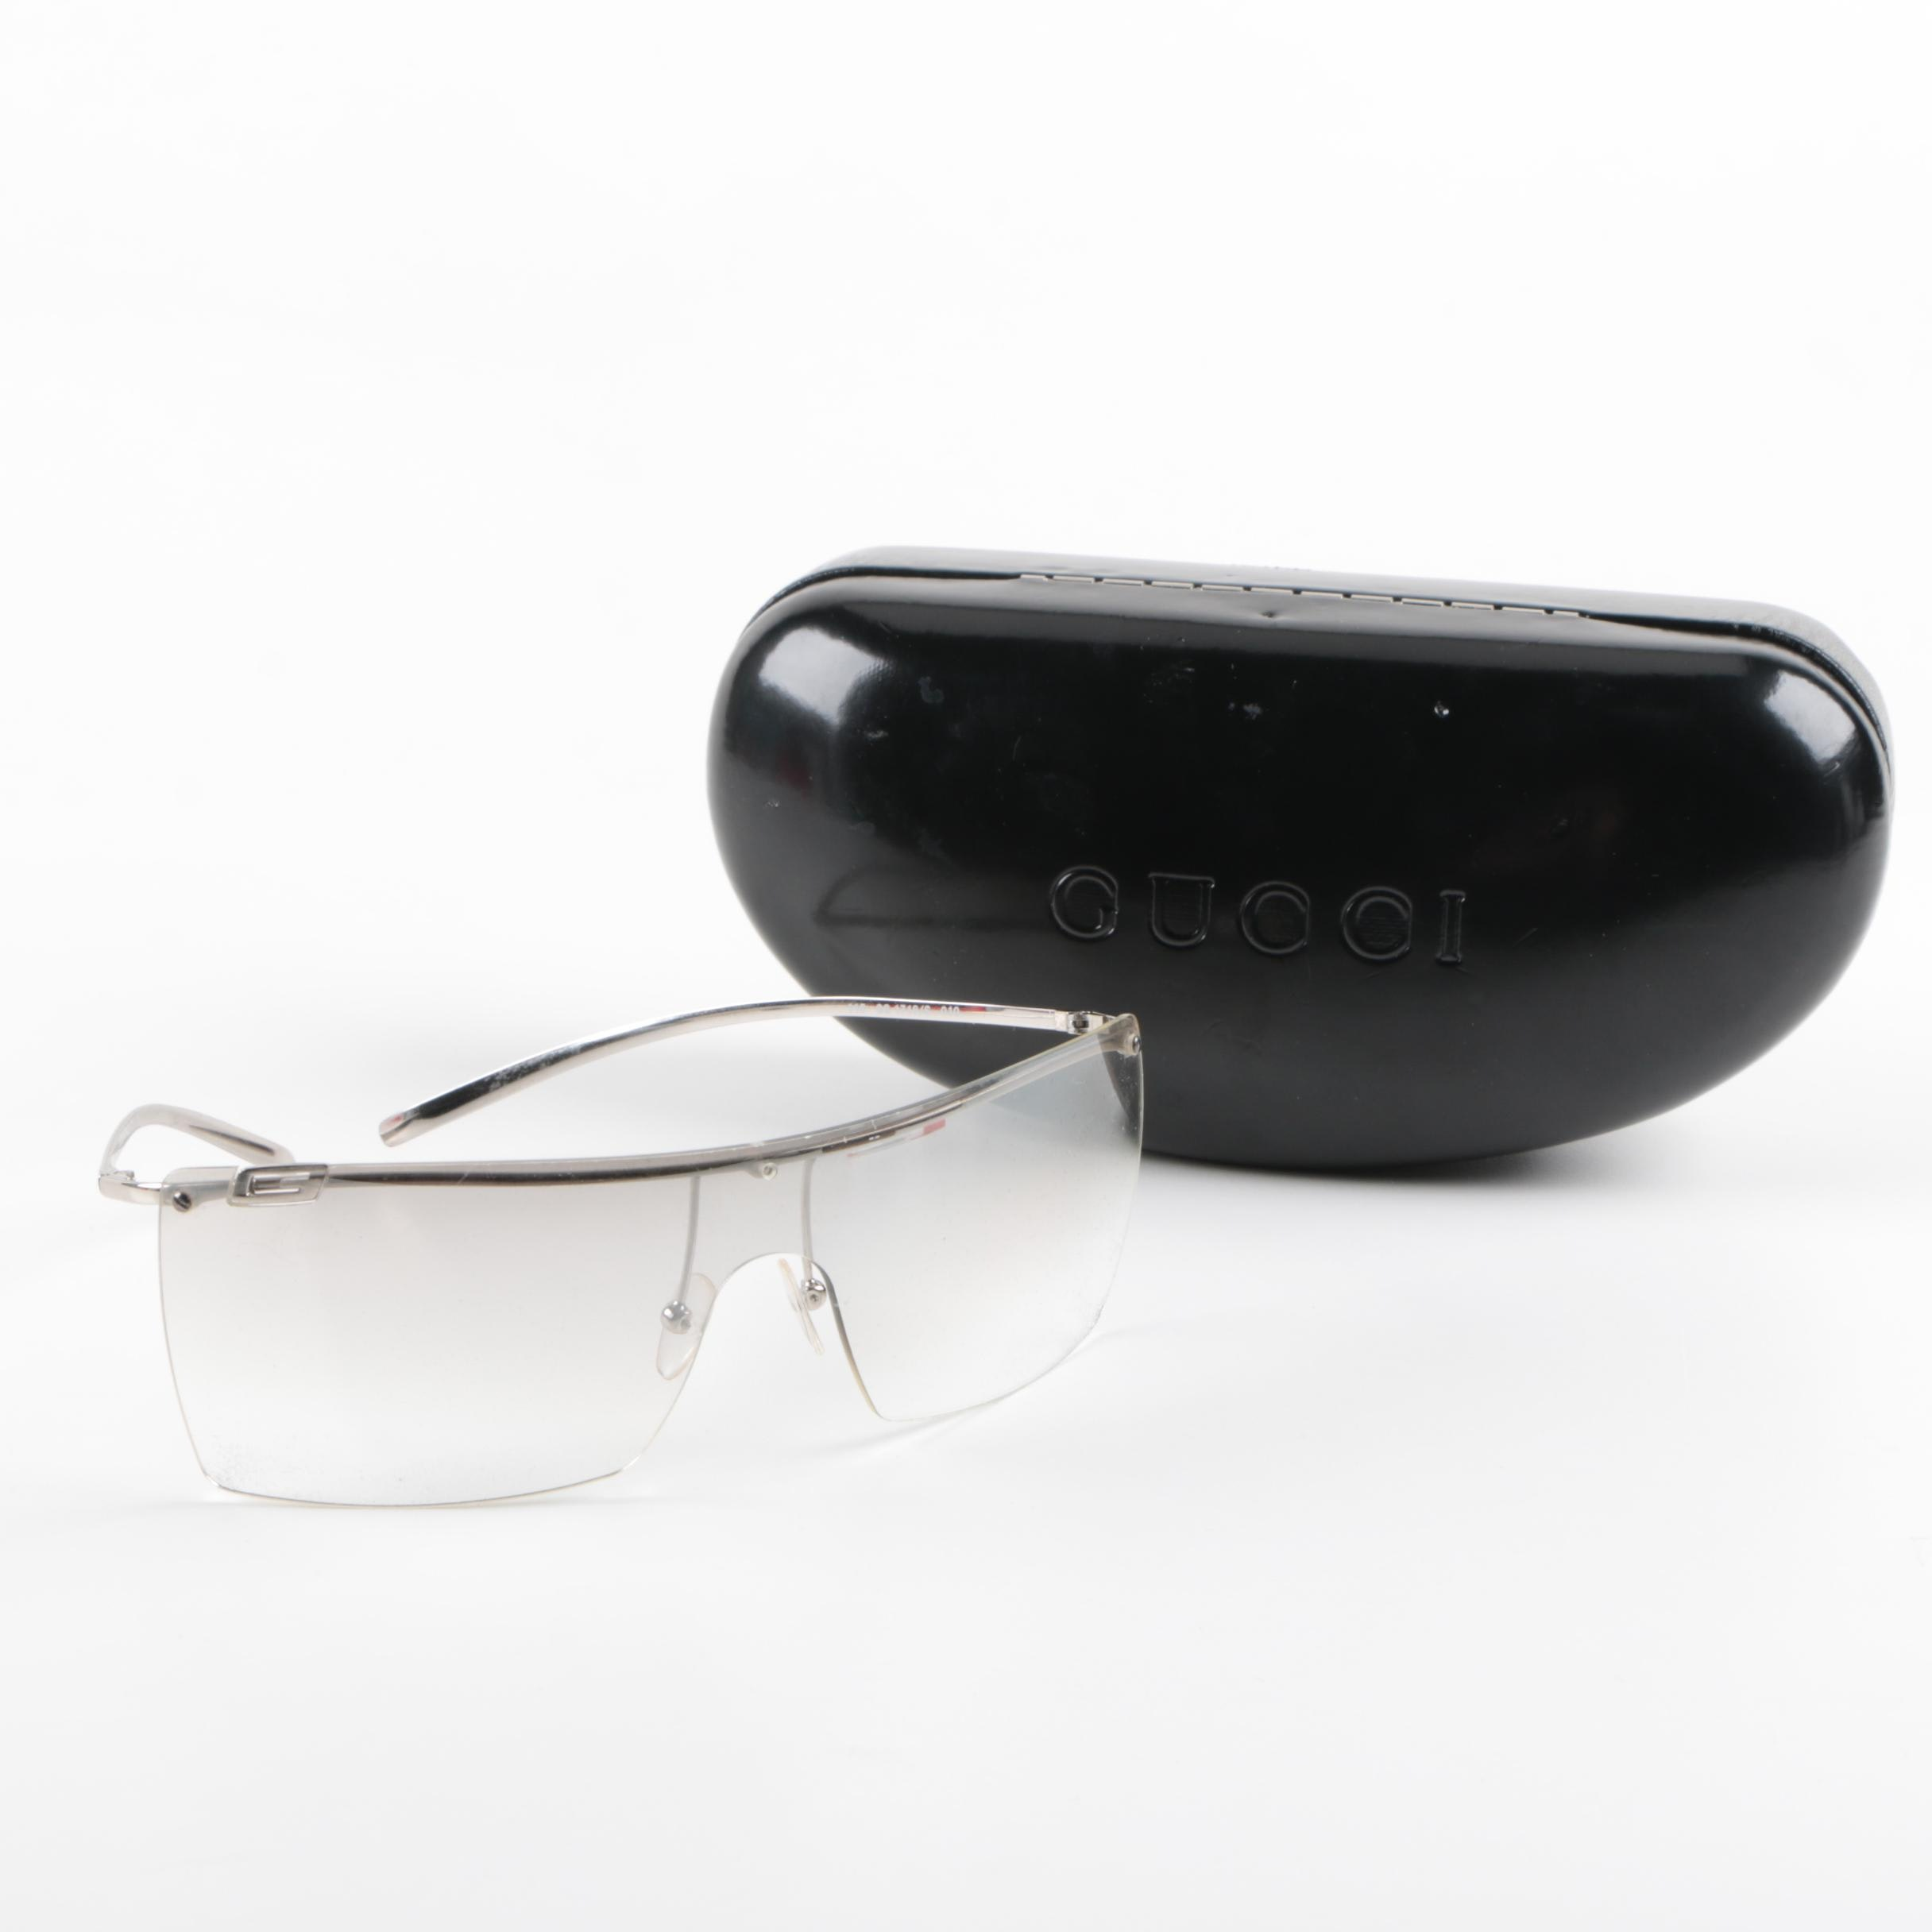 Gucci GG 1718/S Shield Mirrored Sunglasses with Case